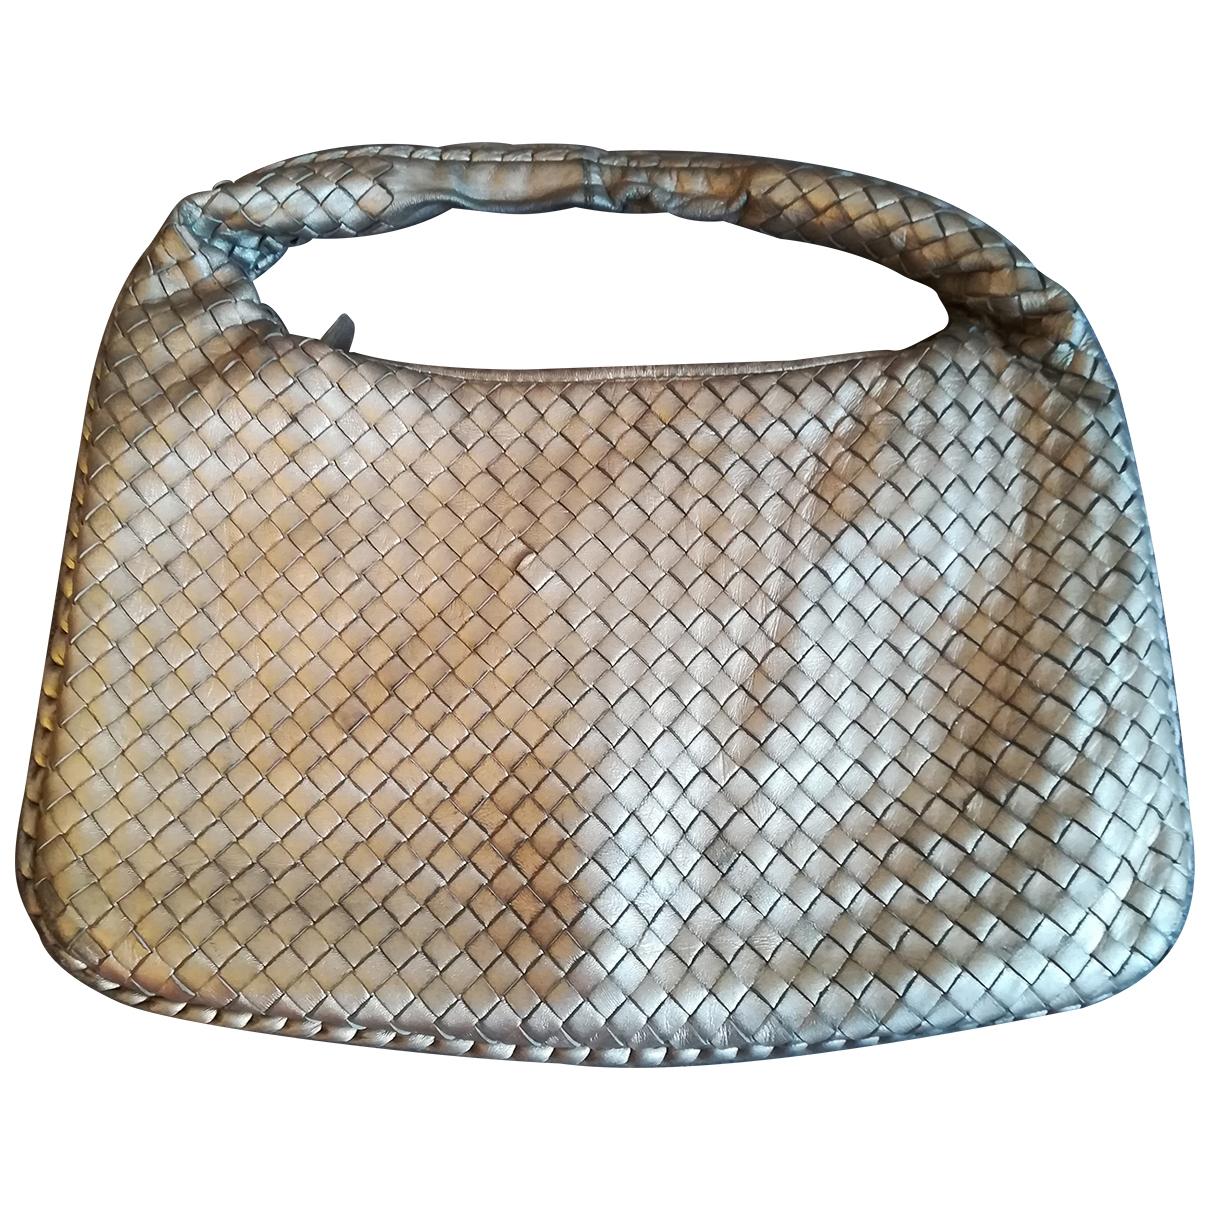 Bottega Veneta - Sac a main Veneta pour femme en cuir - dore